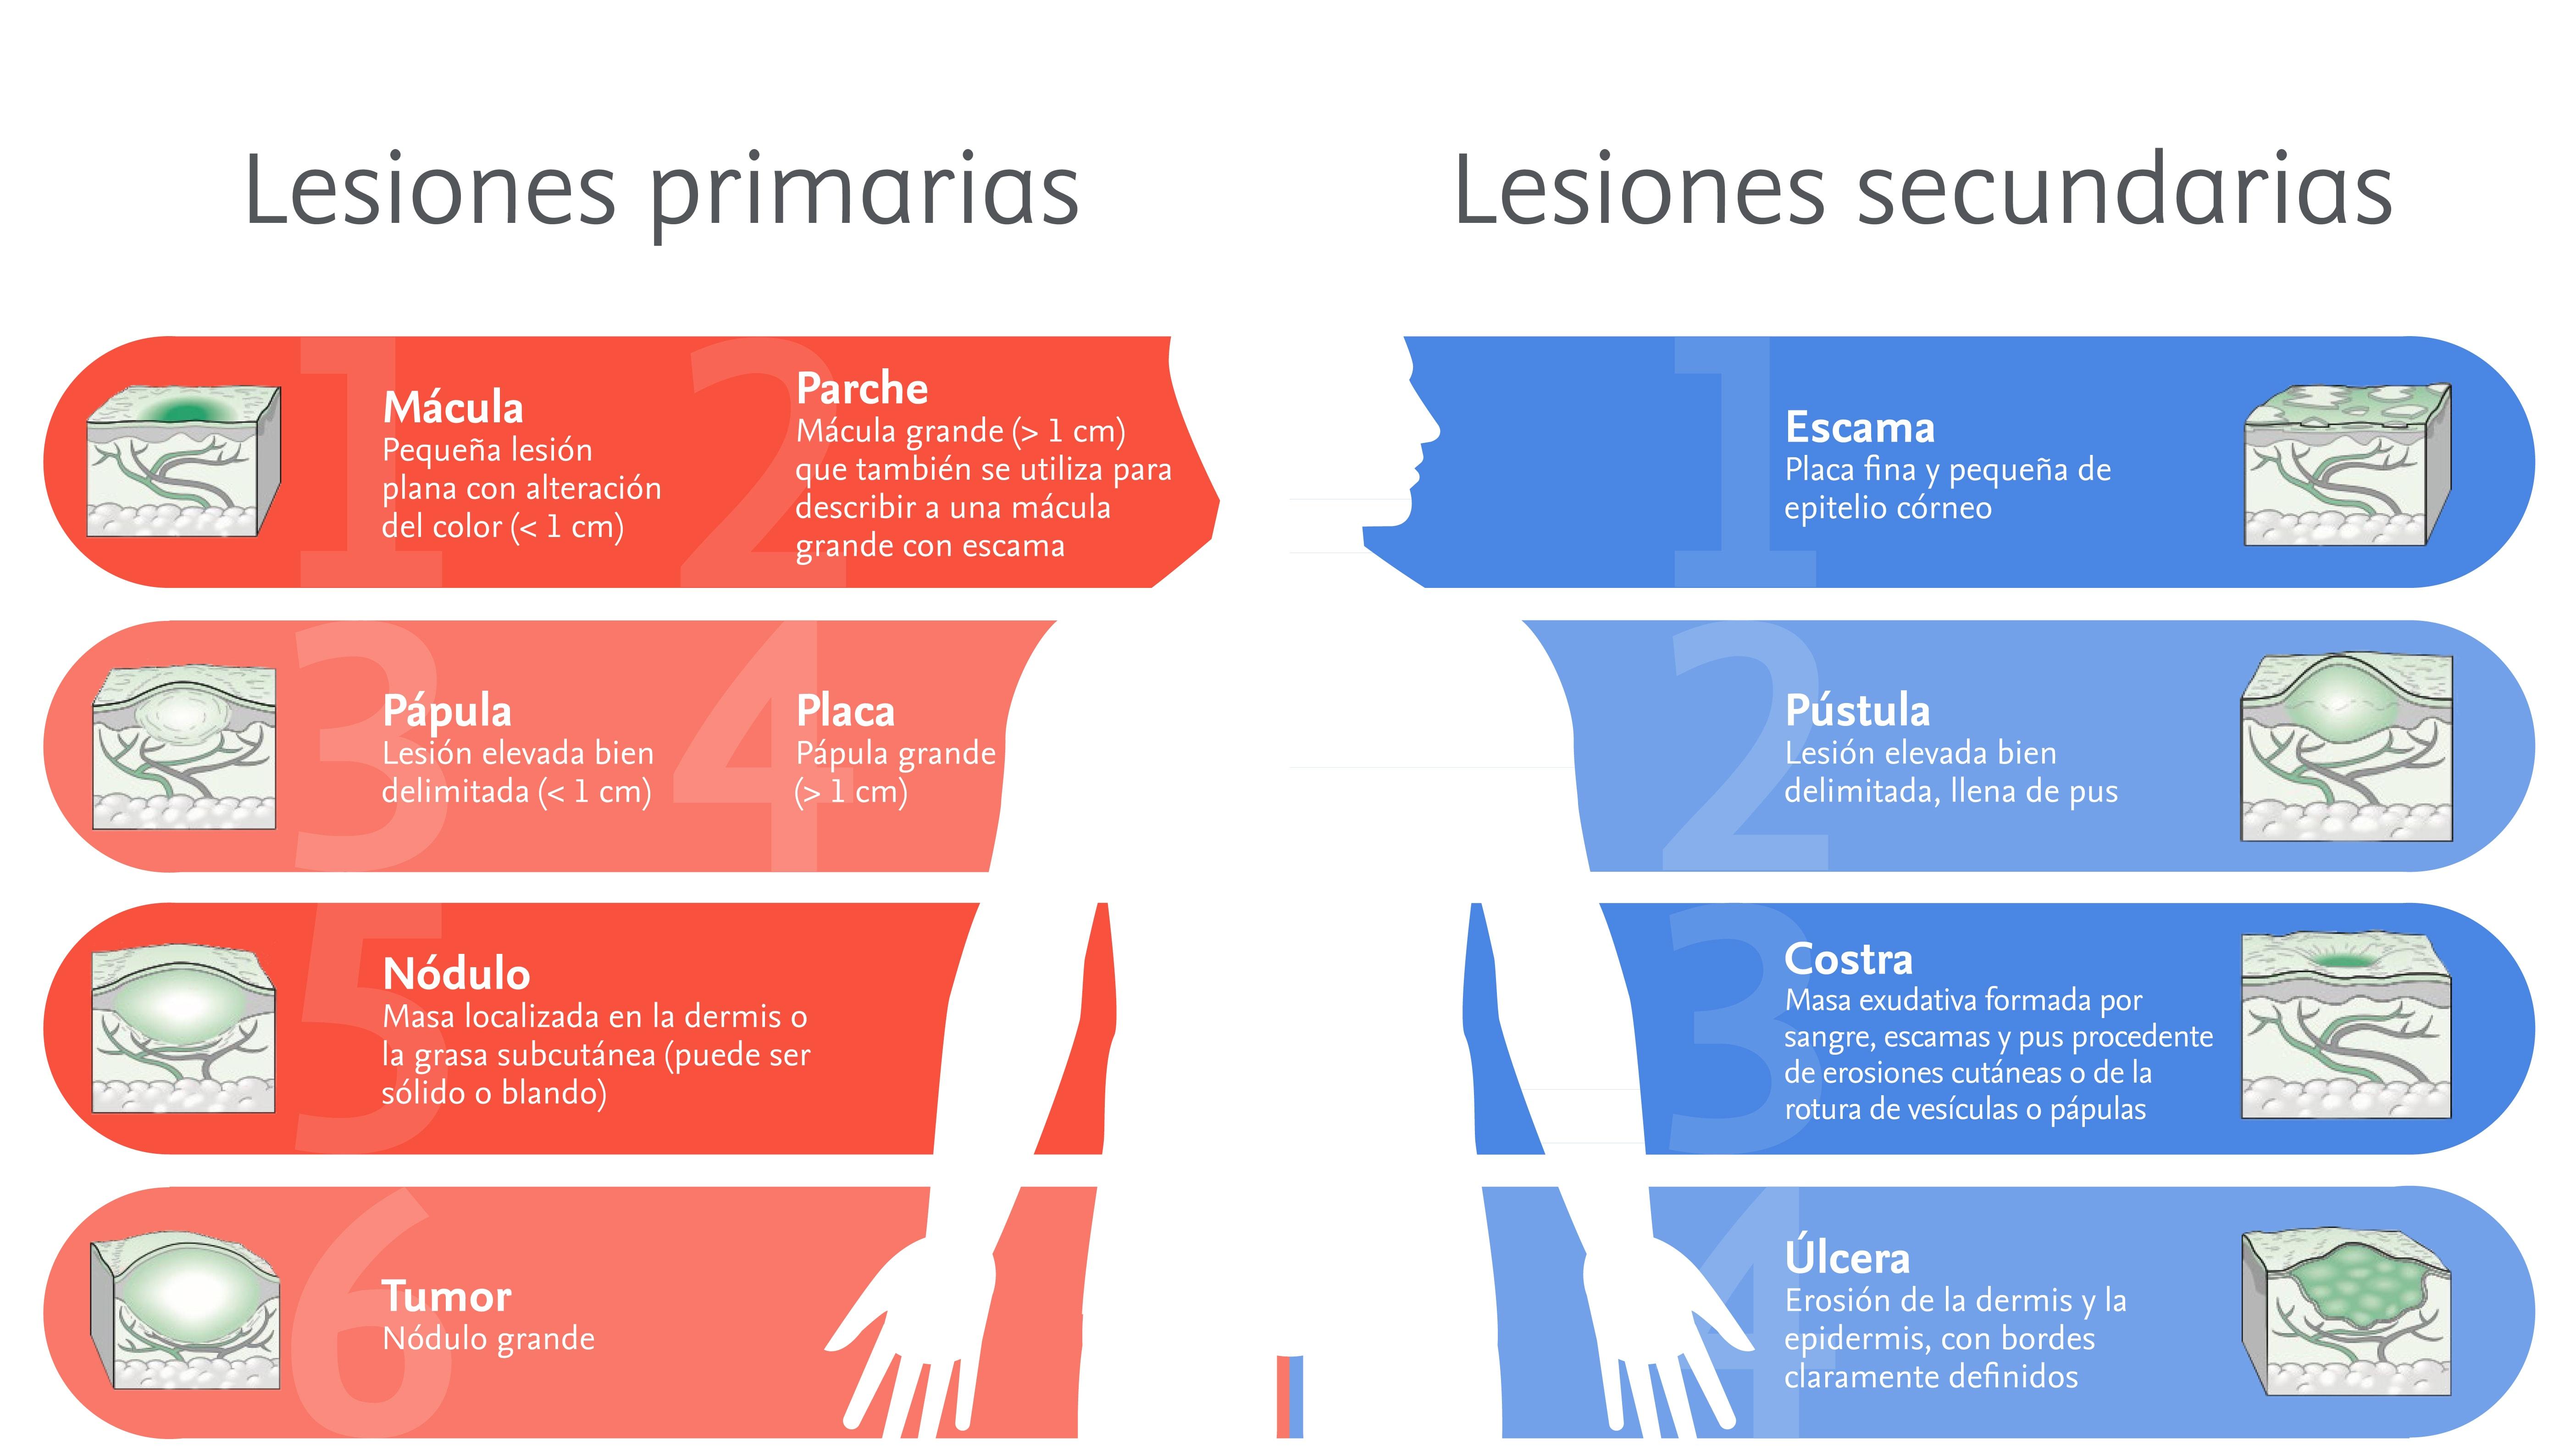 Lesiones cutáneas primarias y secundarias